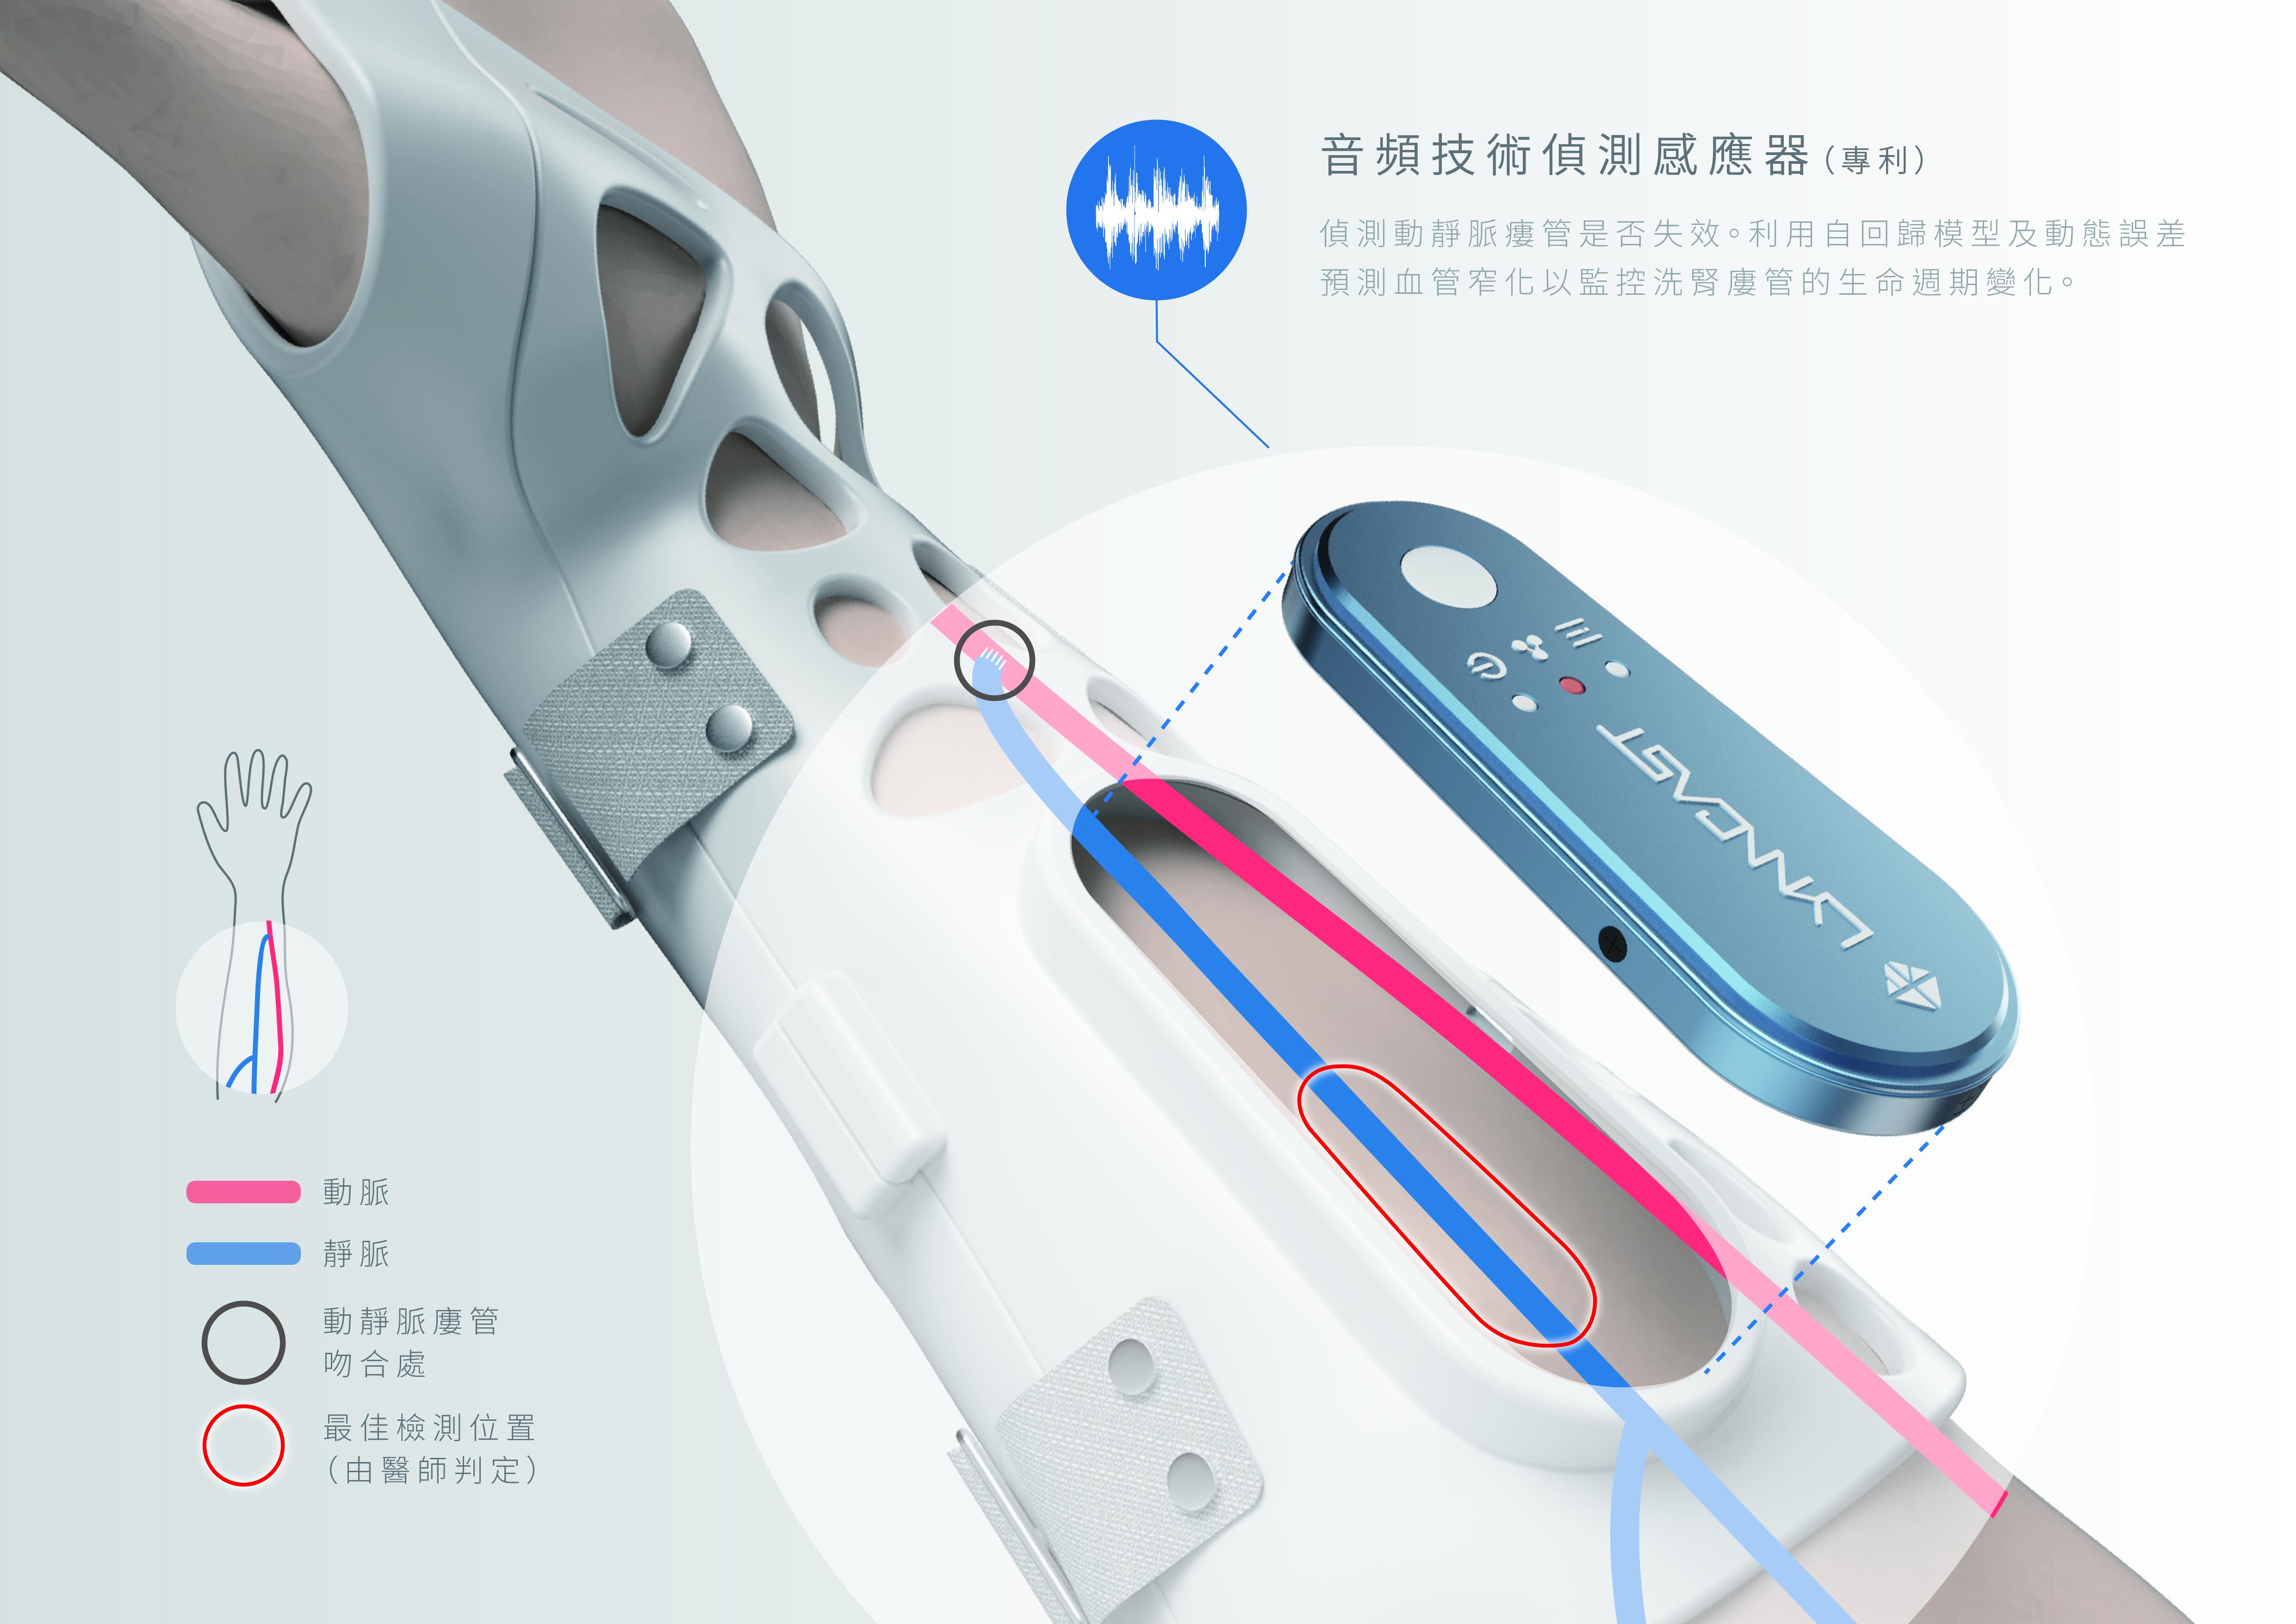 音技術偵測感應器